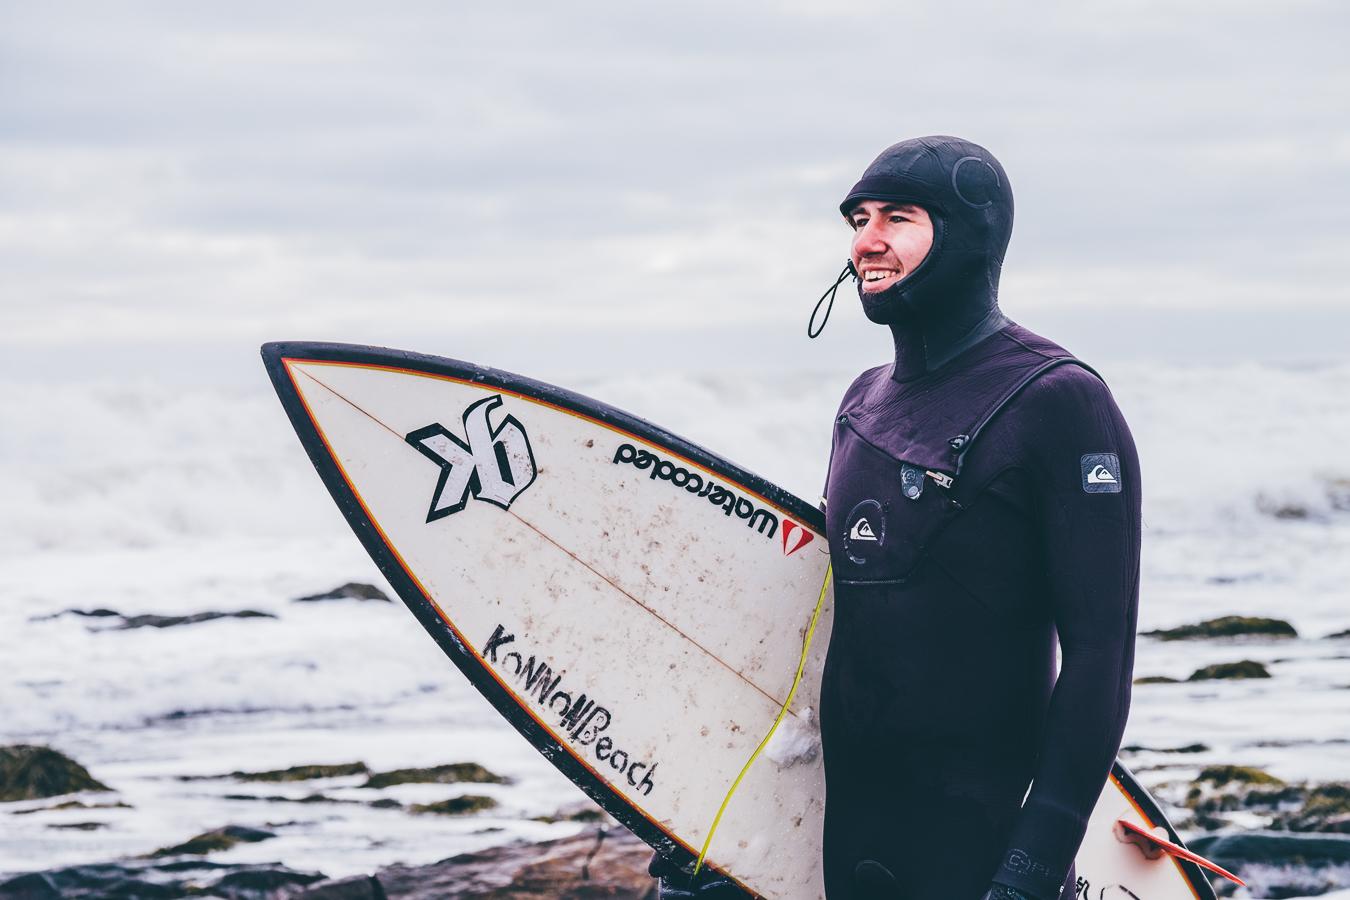 Winter_Surfing_Mel_Hattie_Craig_Colson